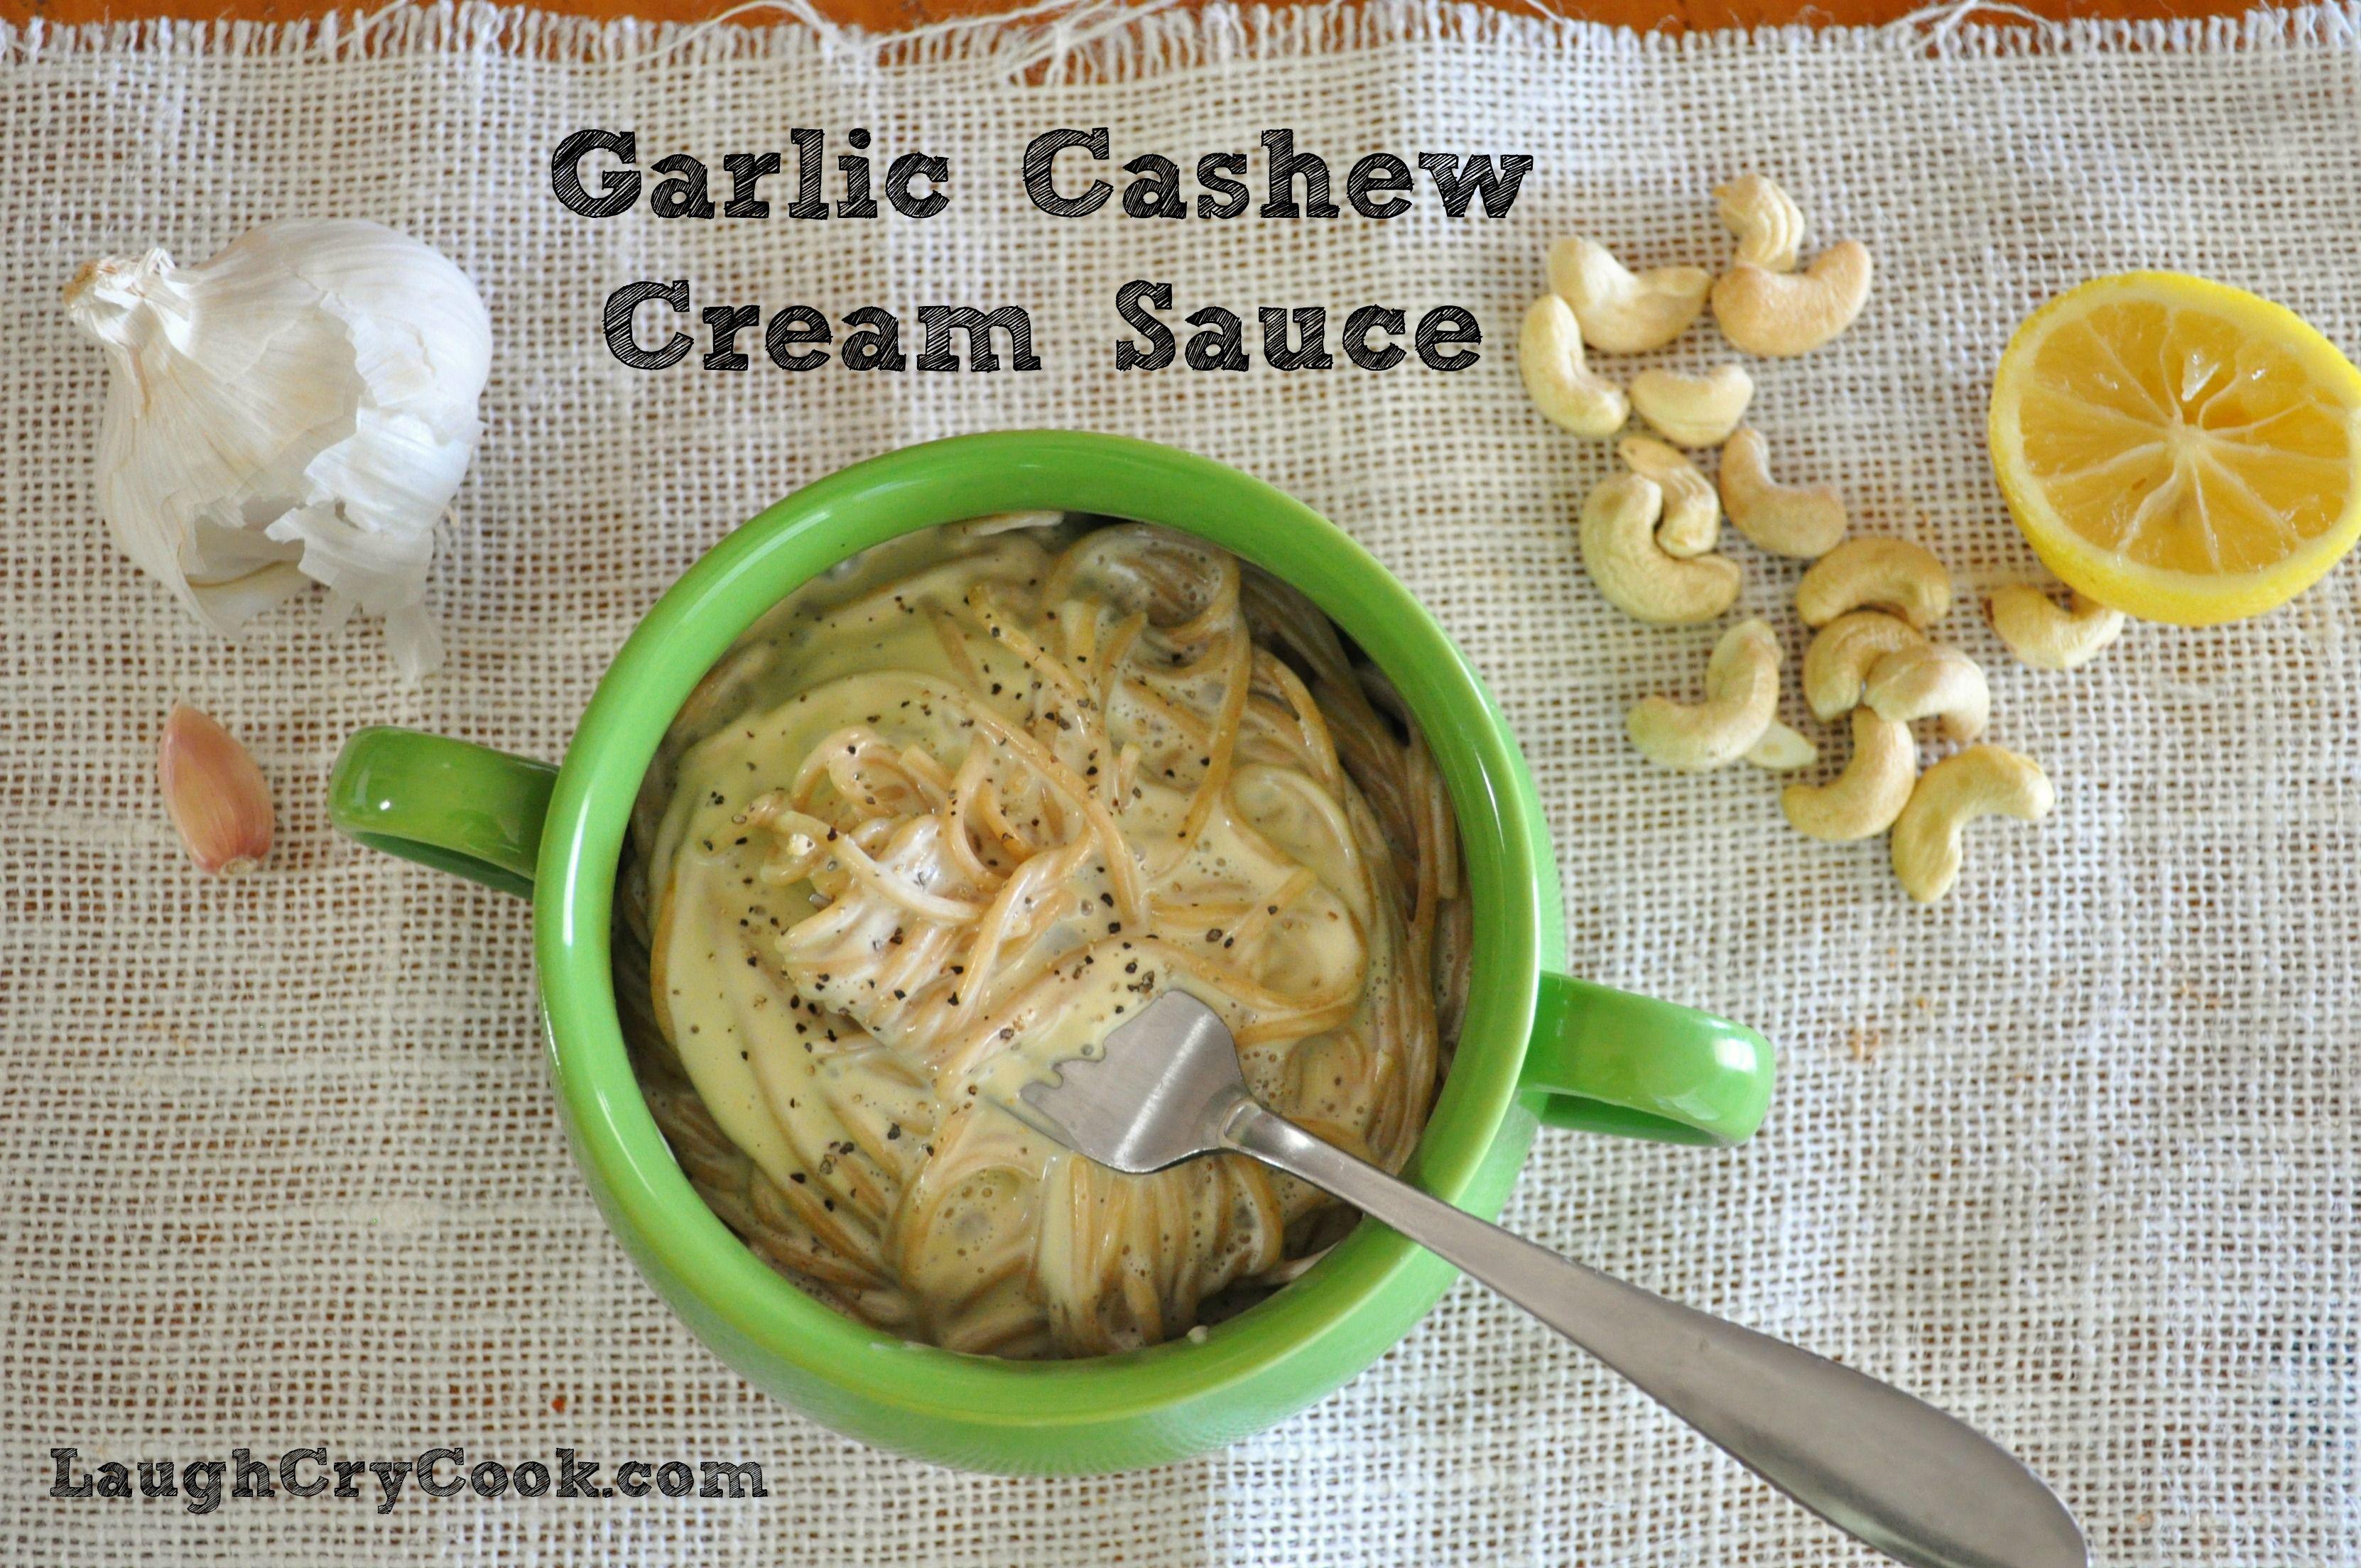 Garlic Cashew Cream Sauce Oil Free Vegan Plant Based Cashew Cream Sauce Whole Foods Vegan Cashew Cream